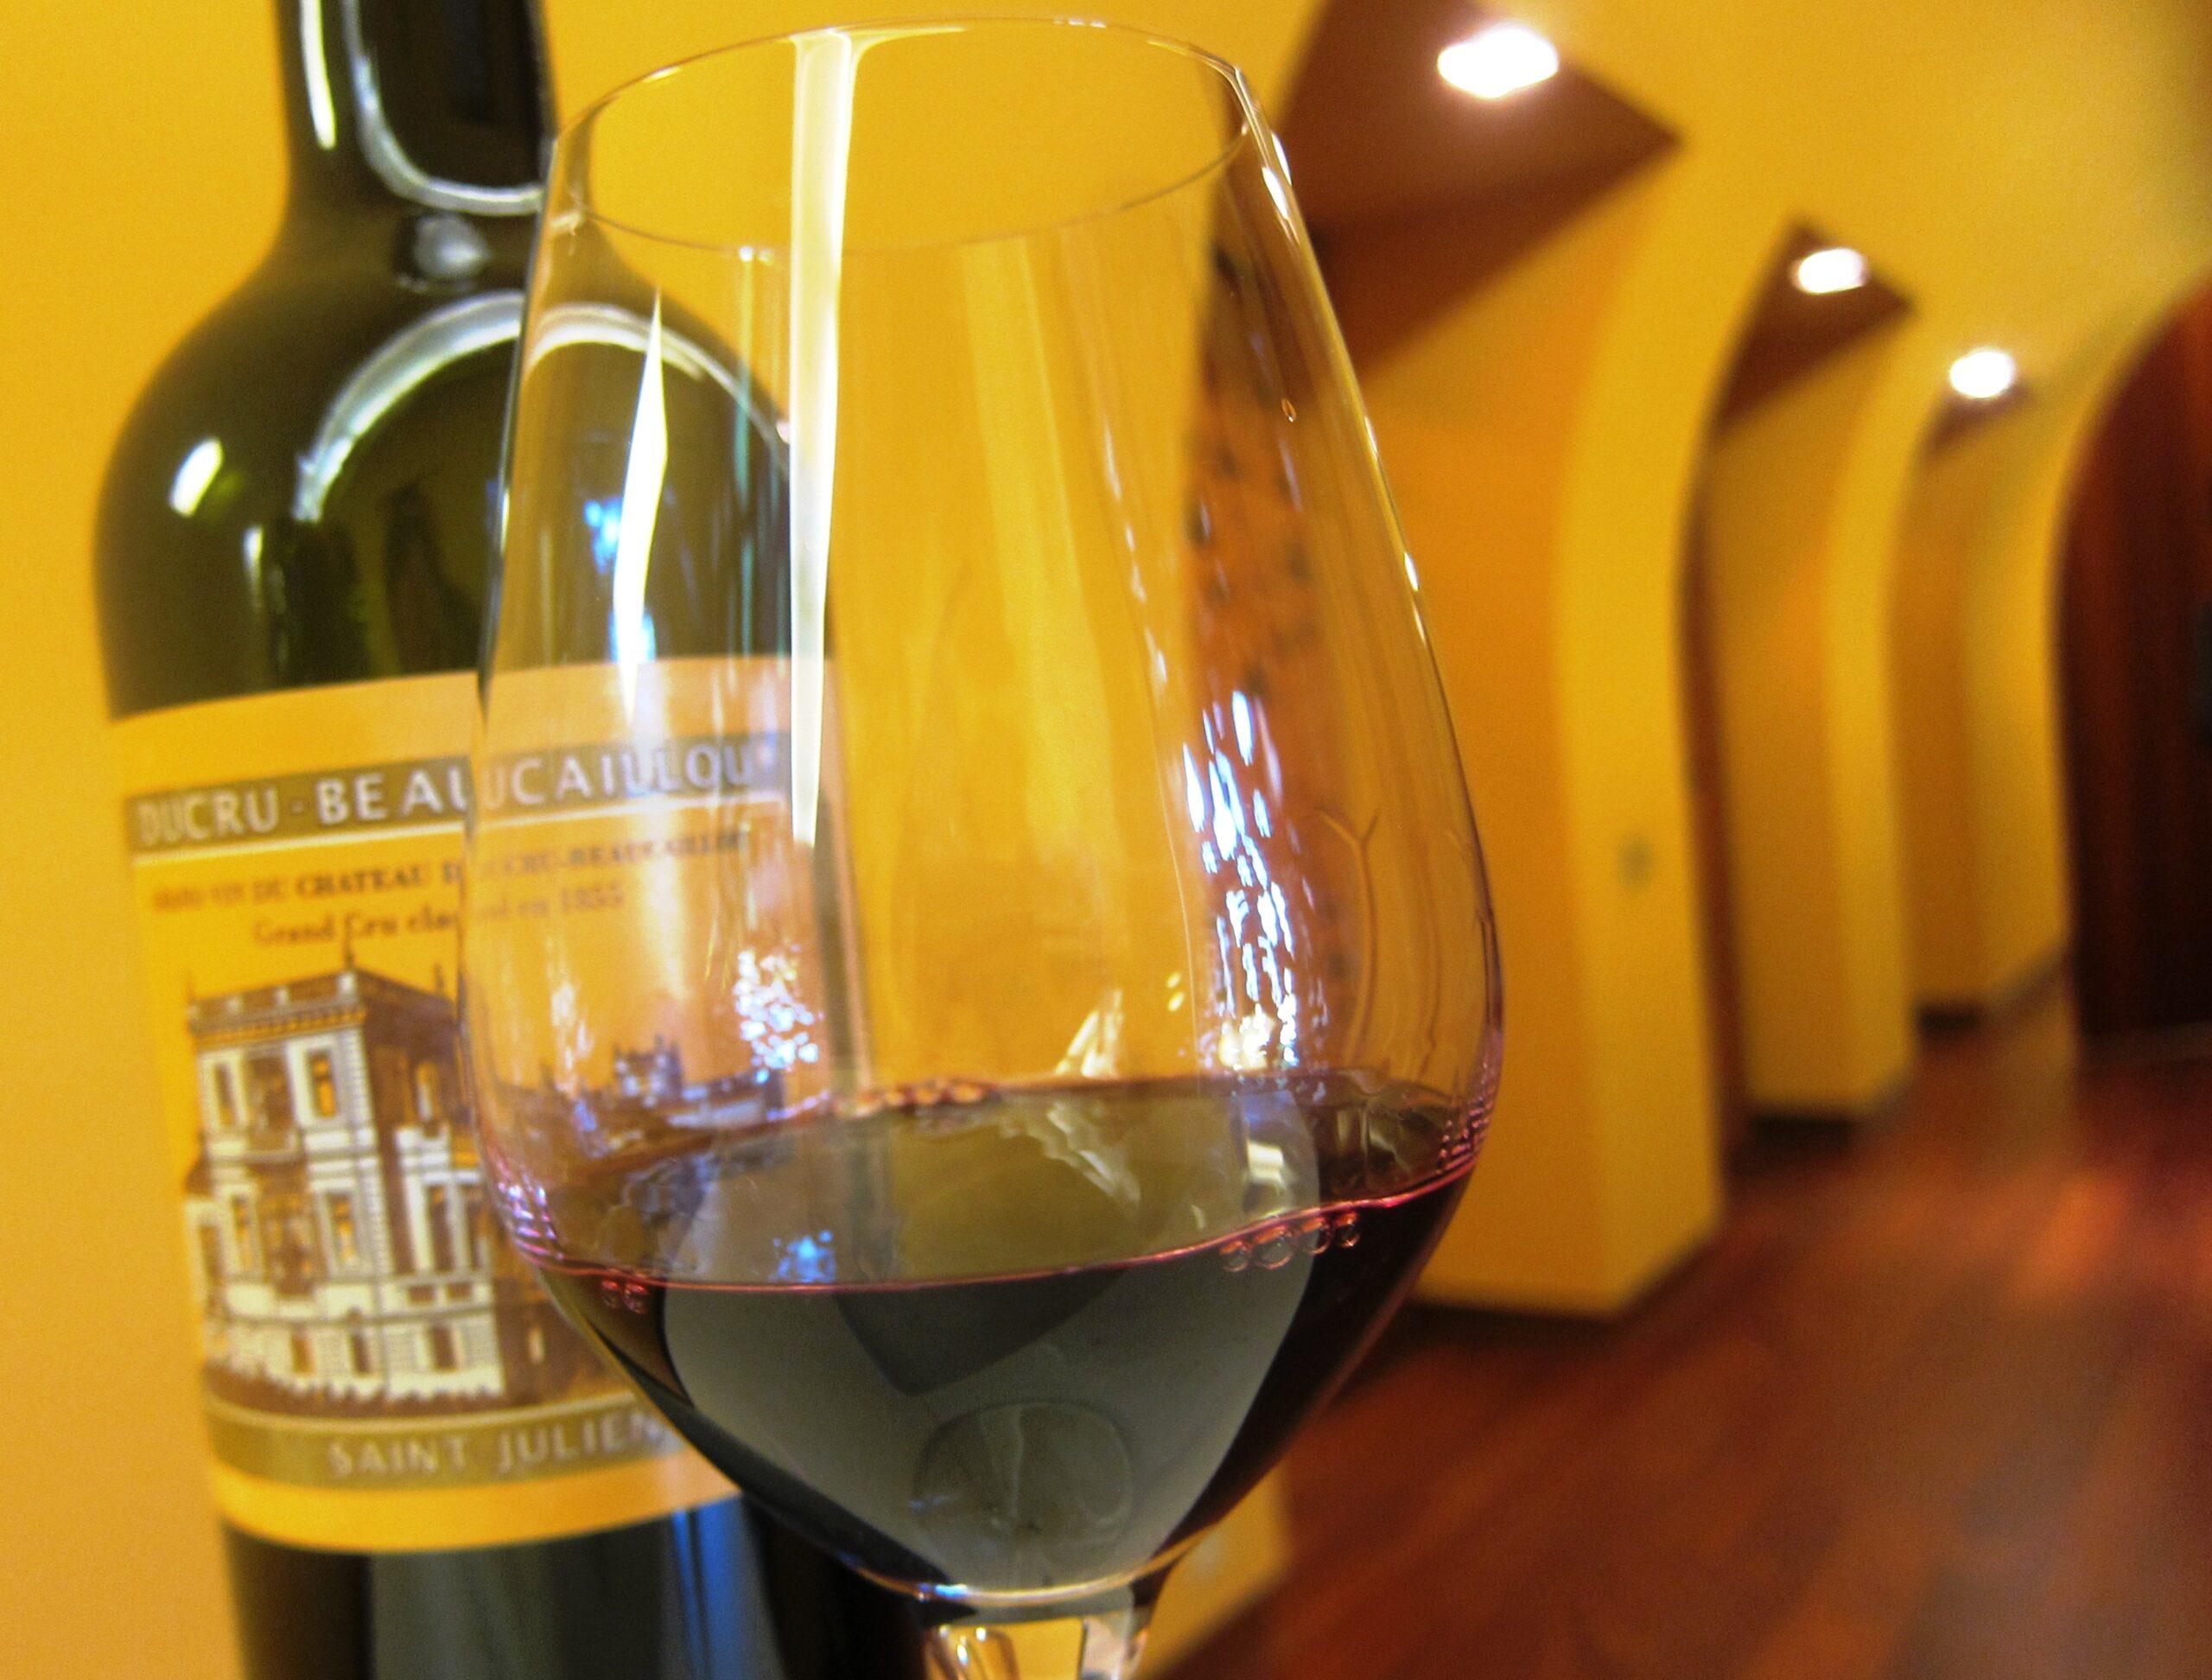 2010 St. Julien Bordeaux Wine Guide Reviews Tasting Notes